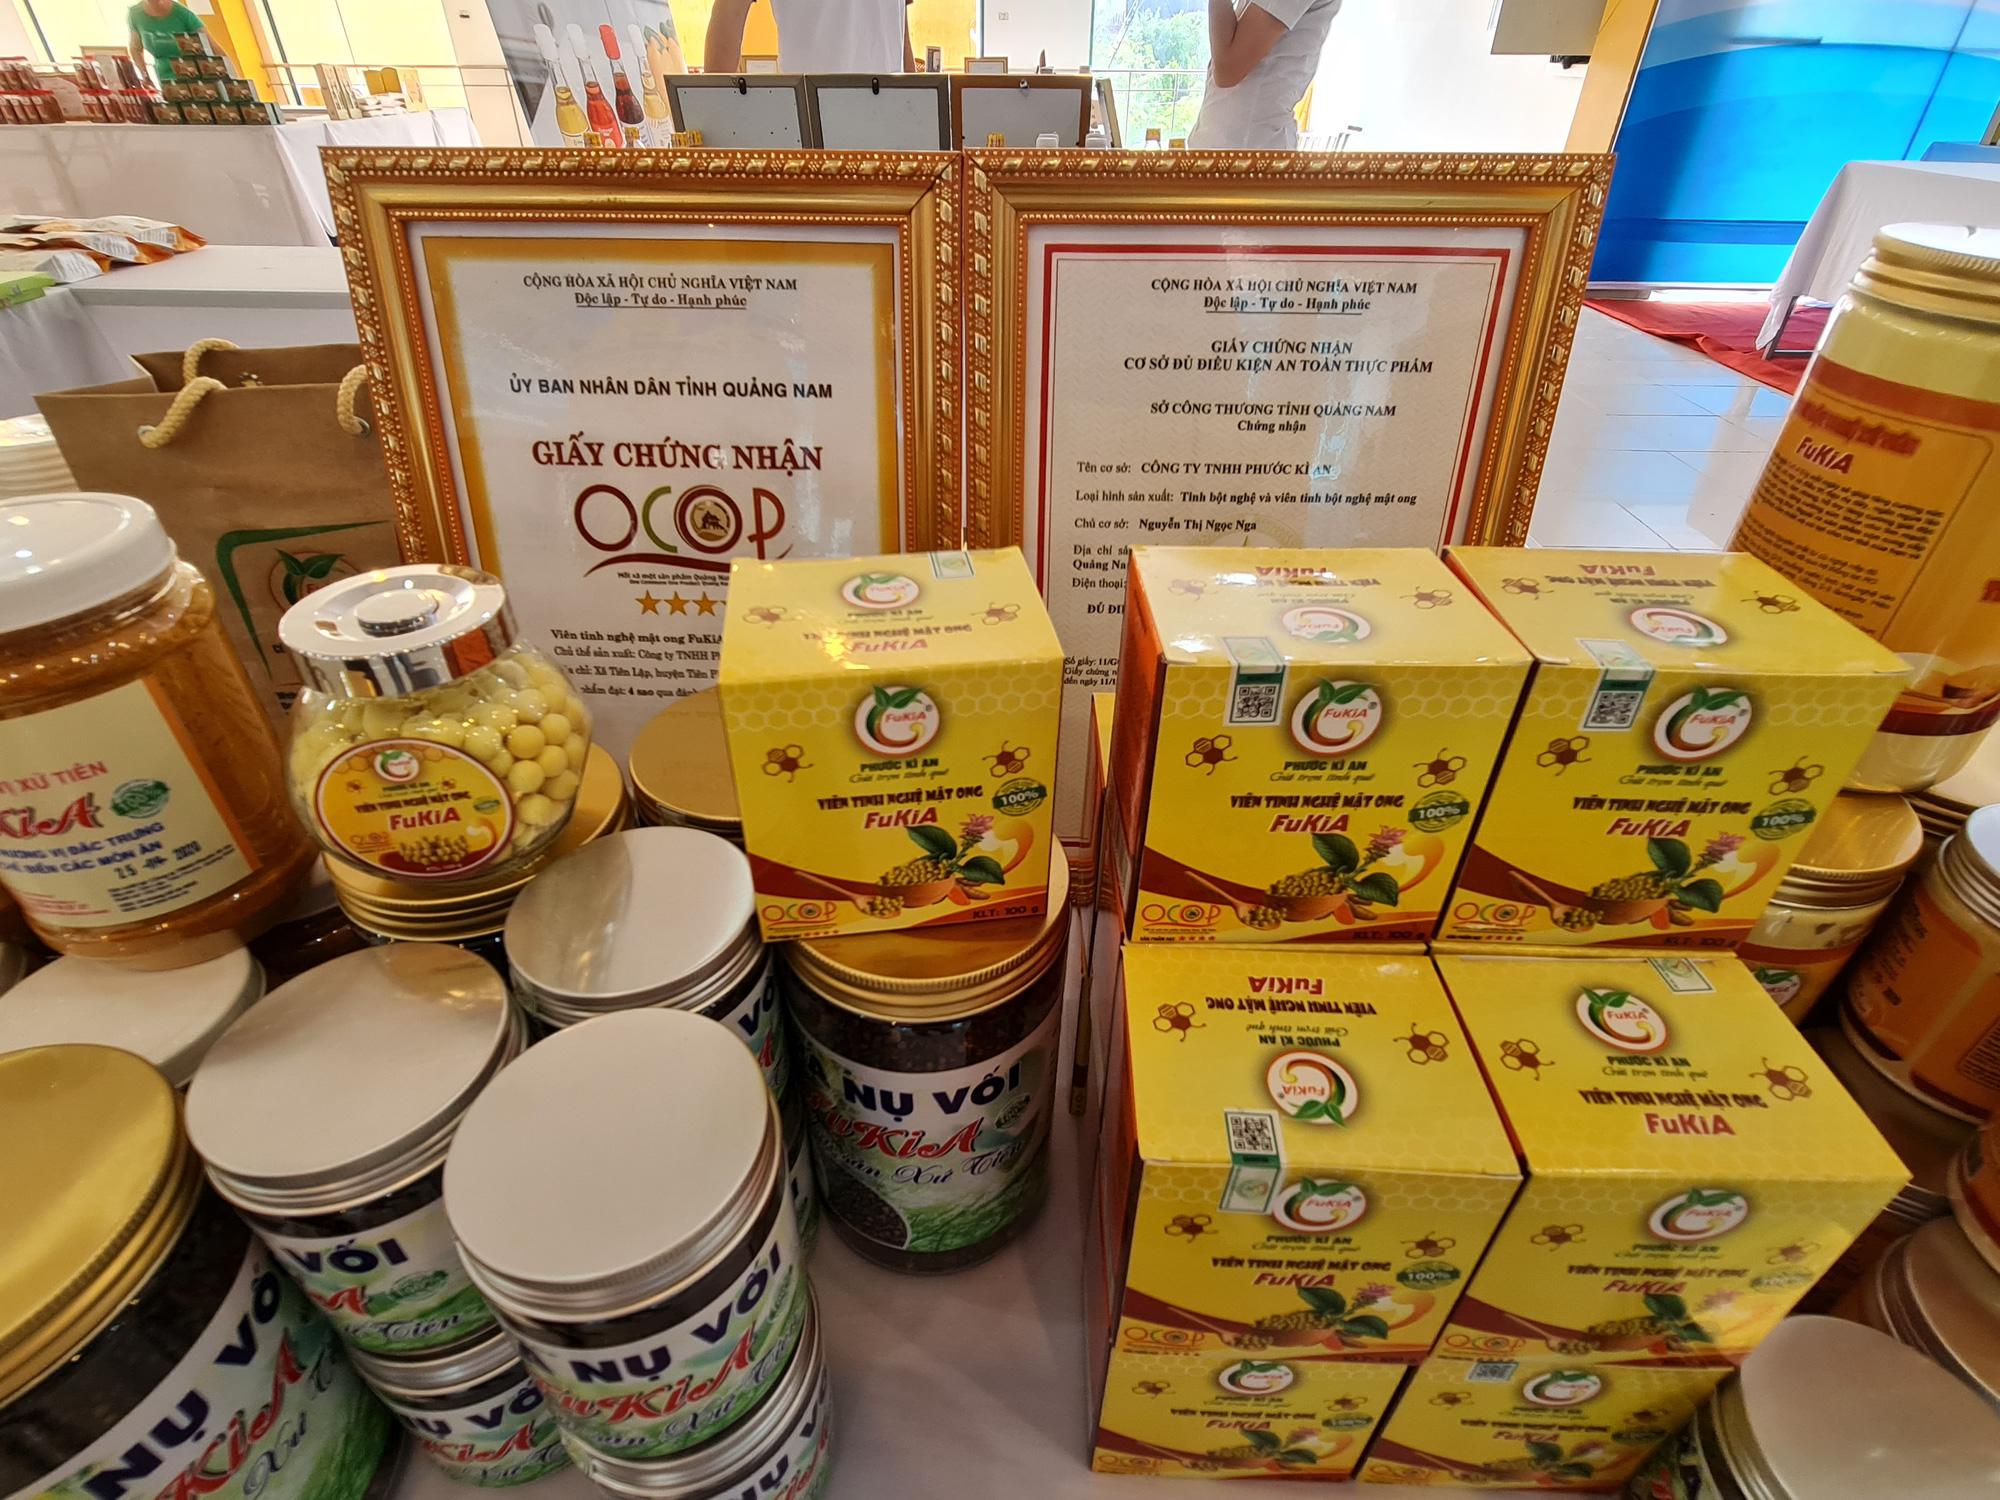 Quảng Nam: Đưa sản phẩm nhà nông gắn sao bay xa thị trường toàn quốc - Ảnh 4.